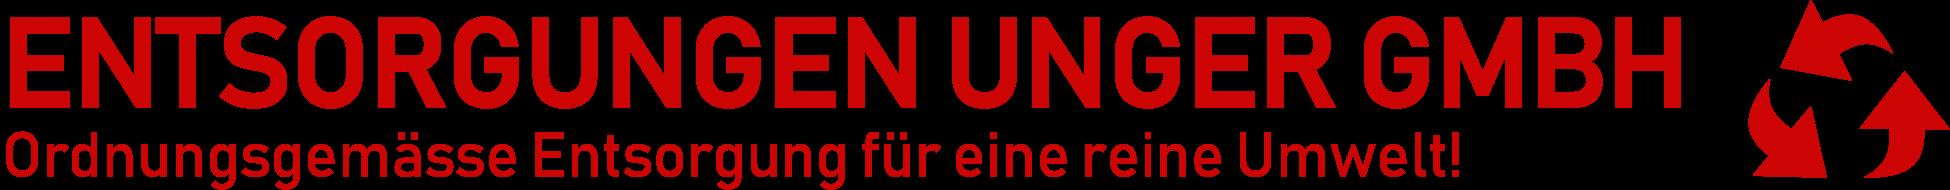 Entsorgung mit Container- und Muldendienst | Unger GmbH